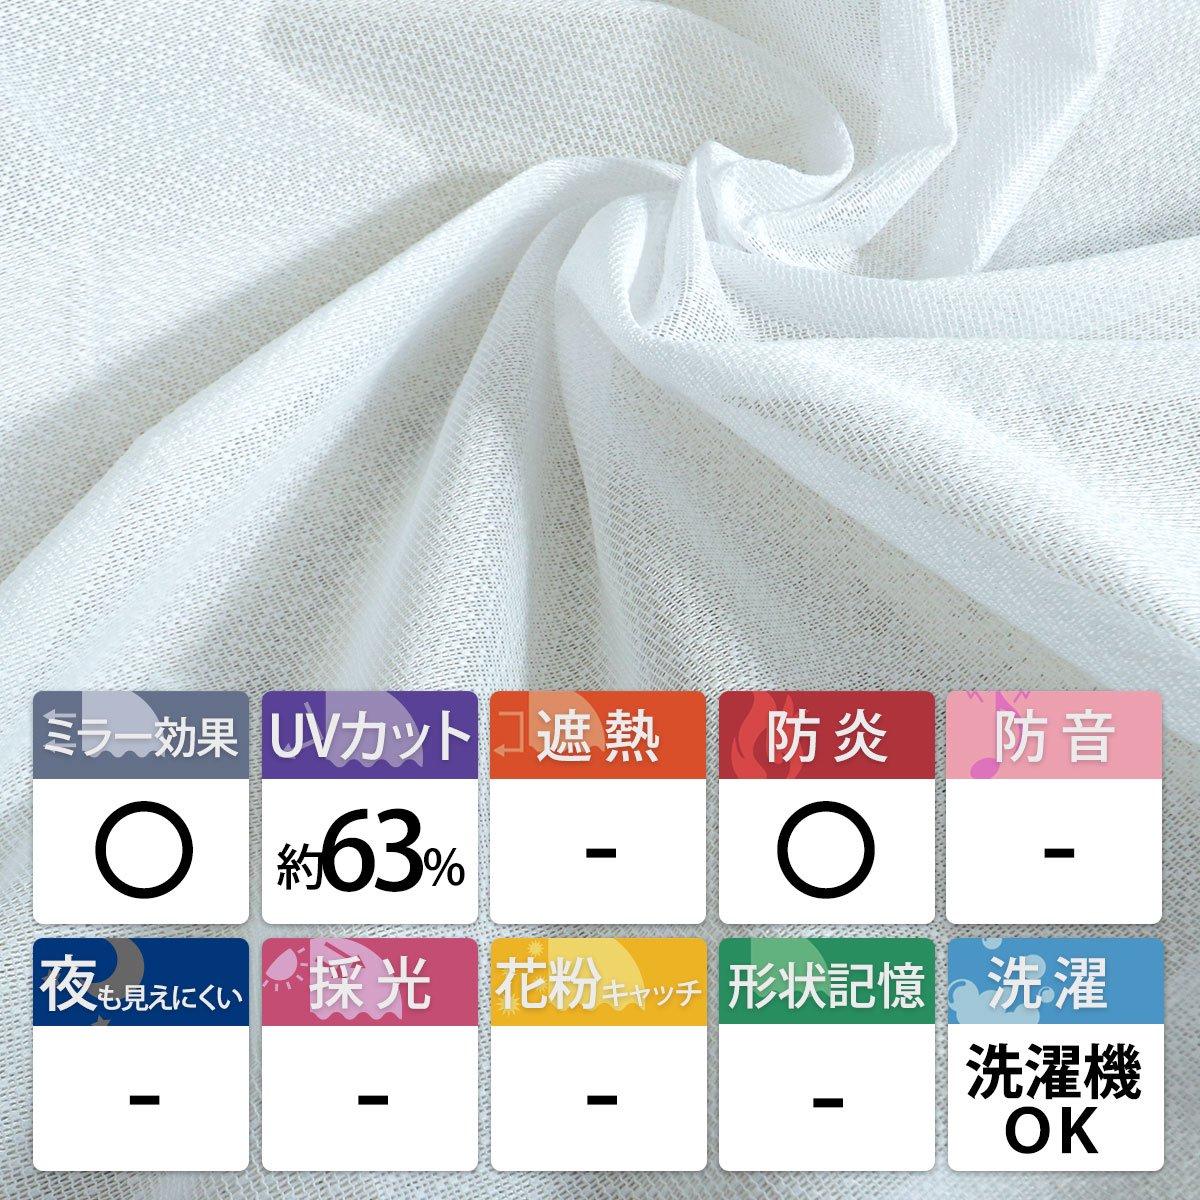 安心の日本製!一年中使える防炎機能付きのレースカーテン『ハナシア』